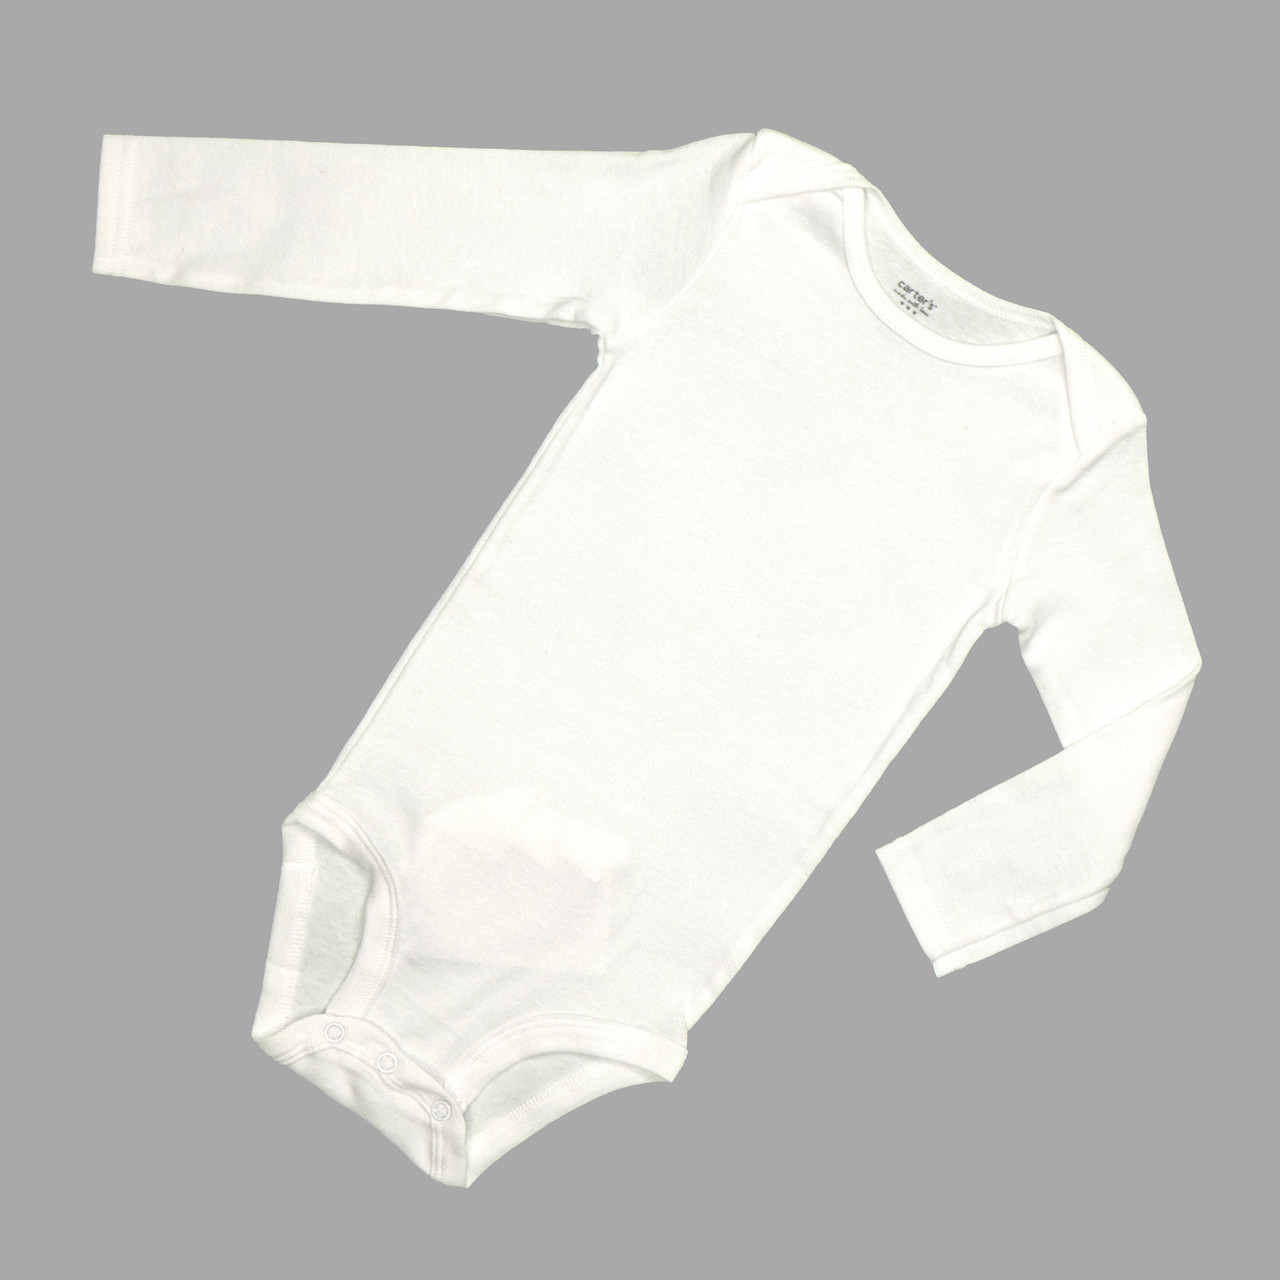 Боді дитячий білого кольору Carter's на довгий рукав 9.12.18.24 місяців